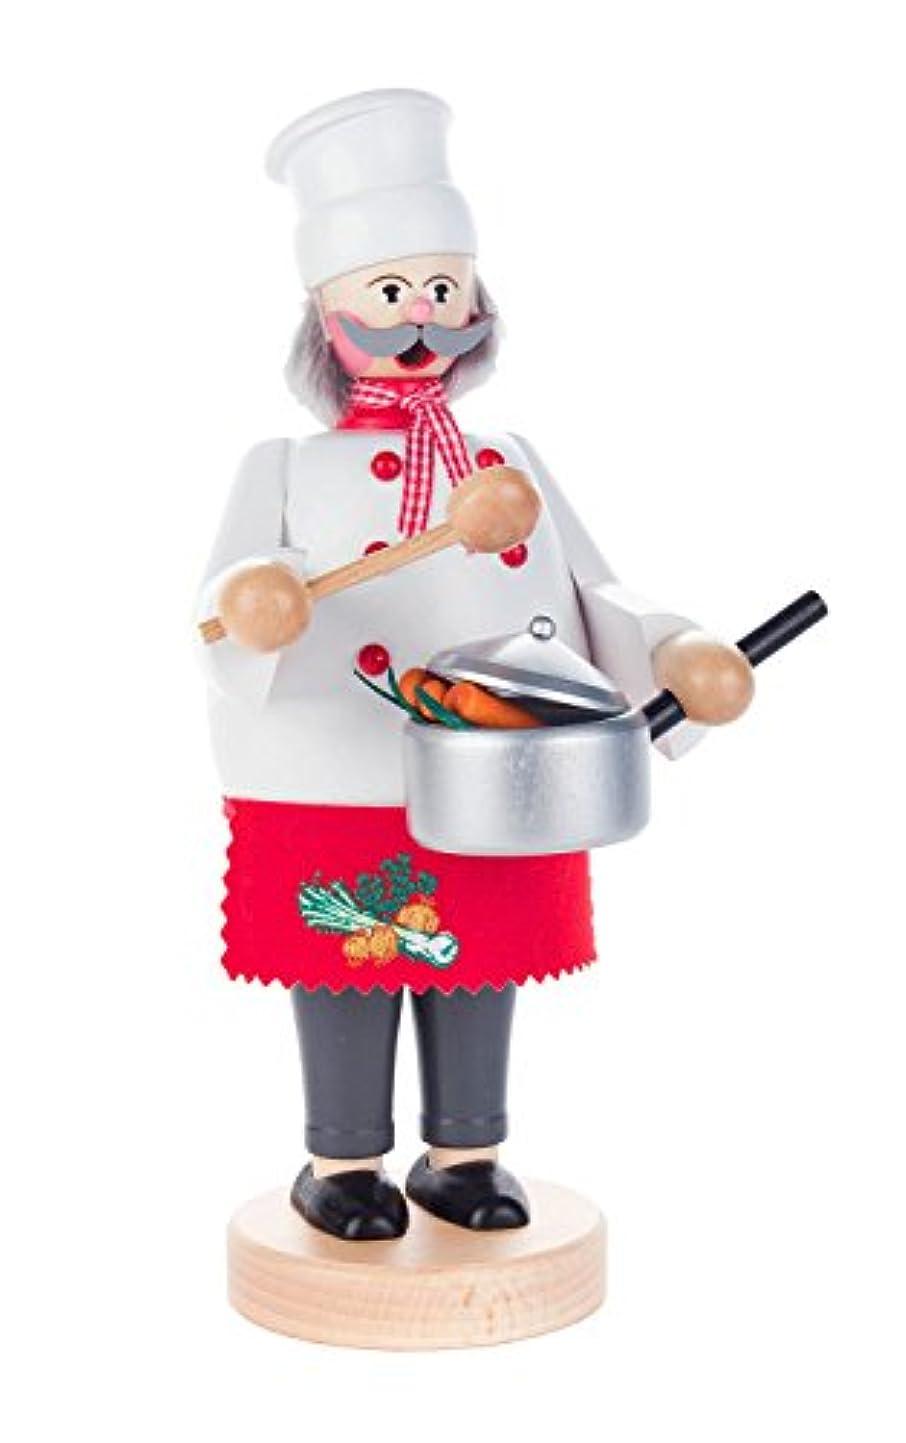 疑問に思うローンクライマックスAlexandor TaronホームDecor Dregeno Cook Incense Burner 9